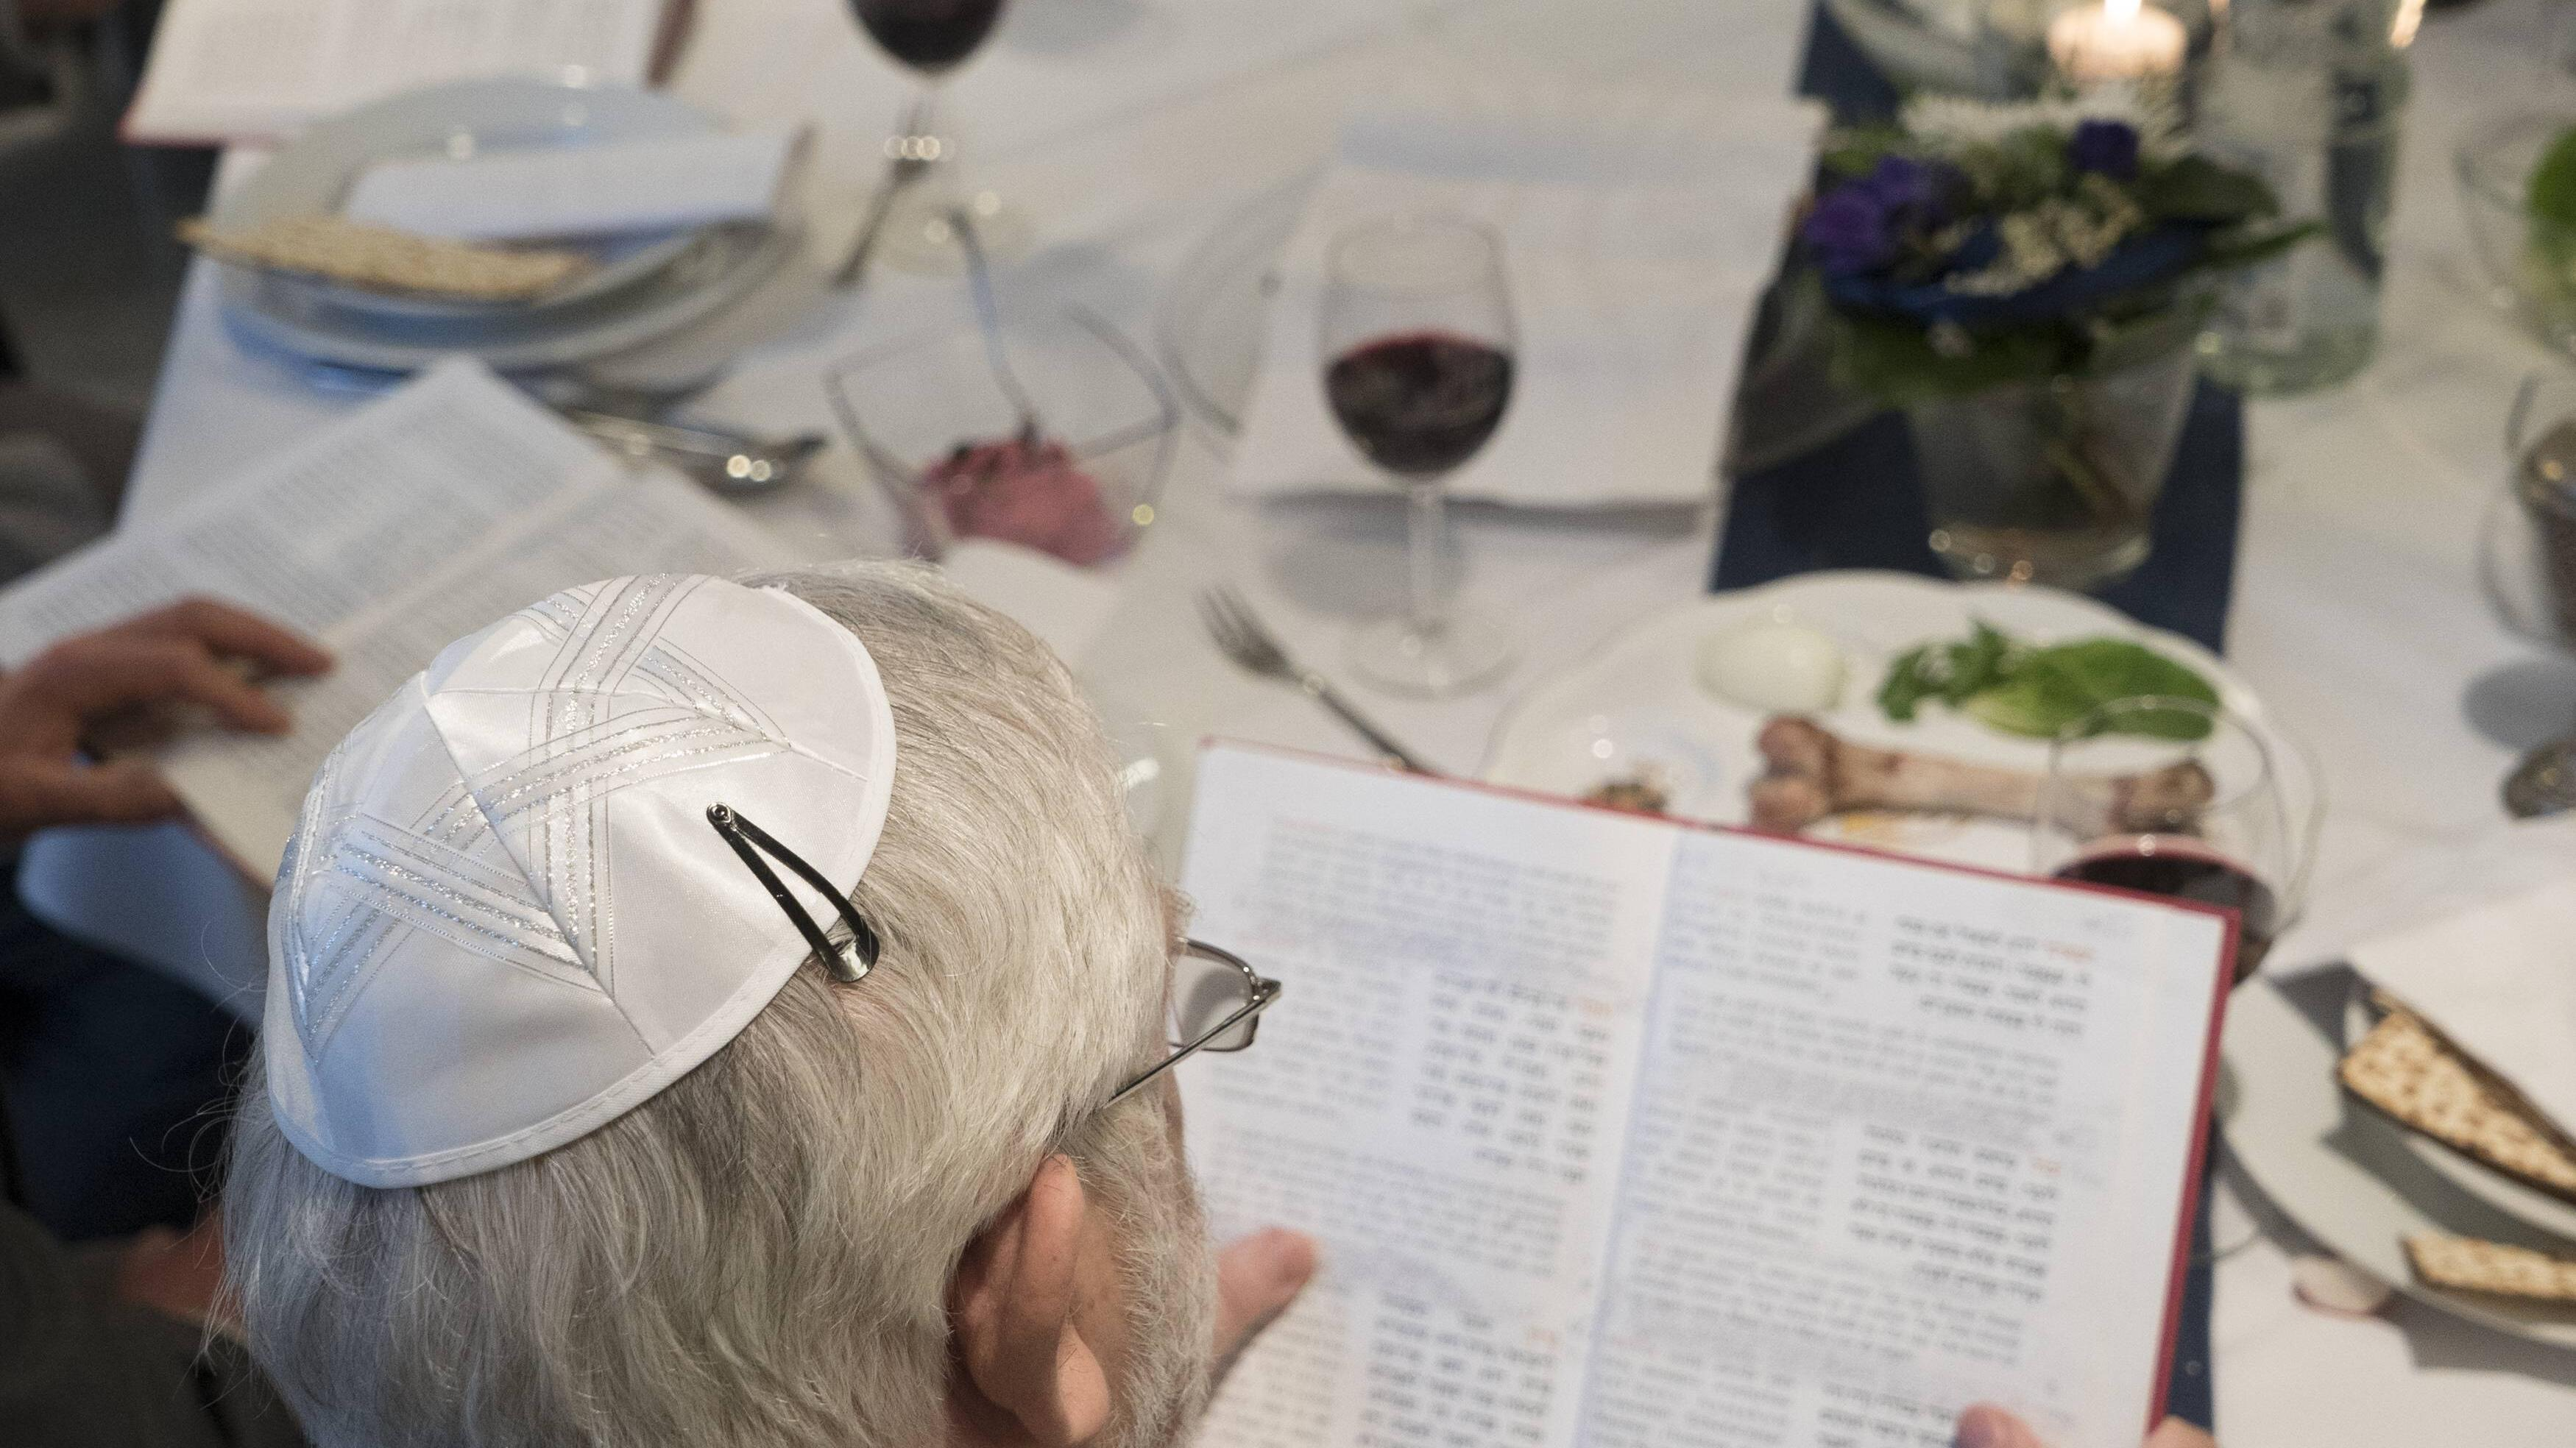 Sederabend: Wann und wie wird der Sederabend gefeiert?